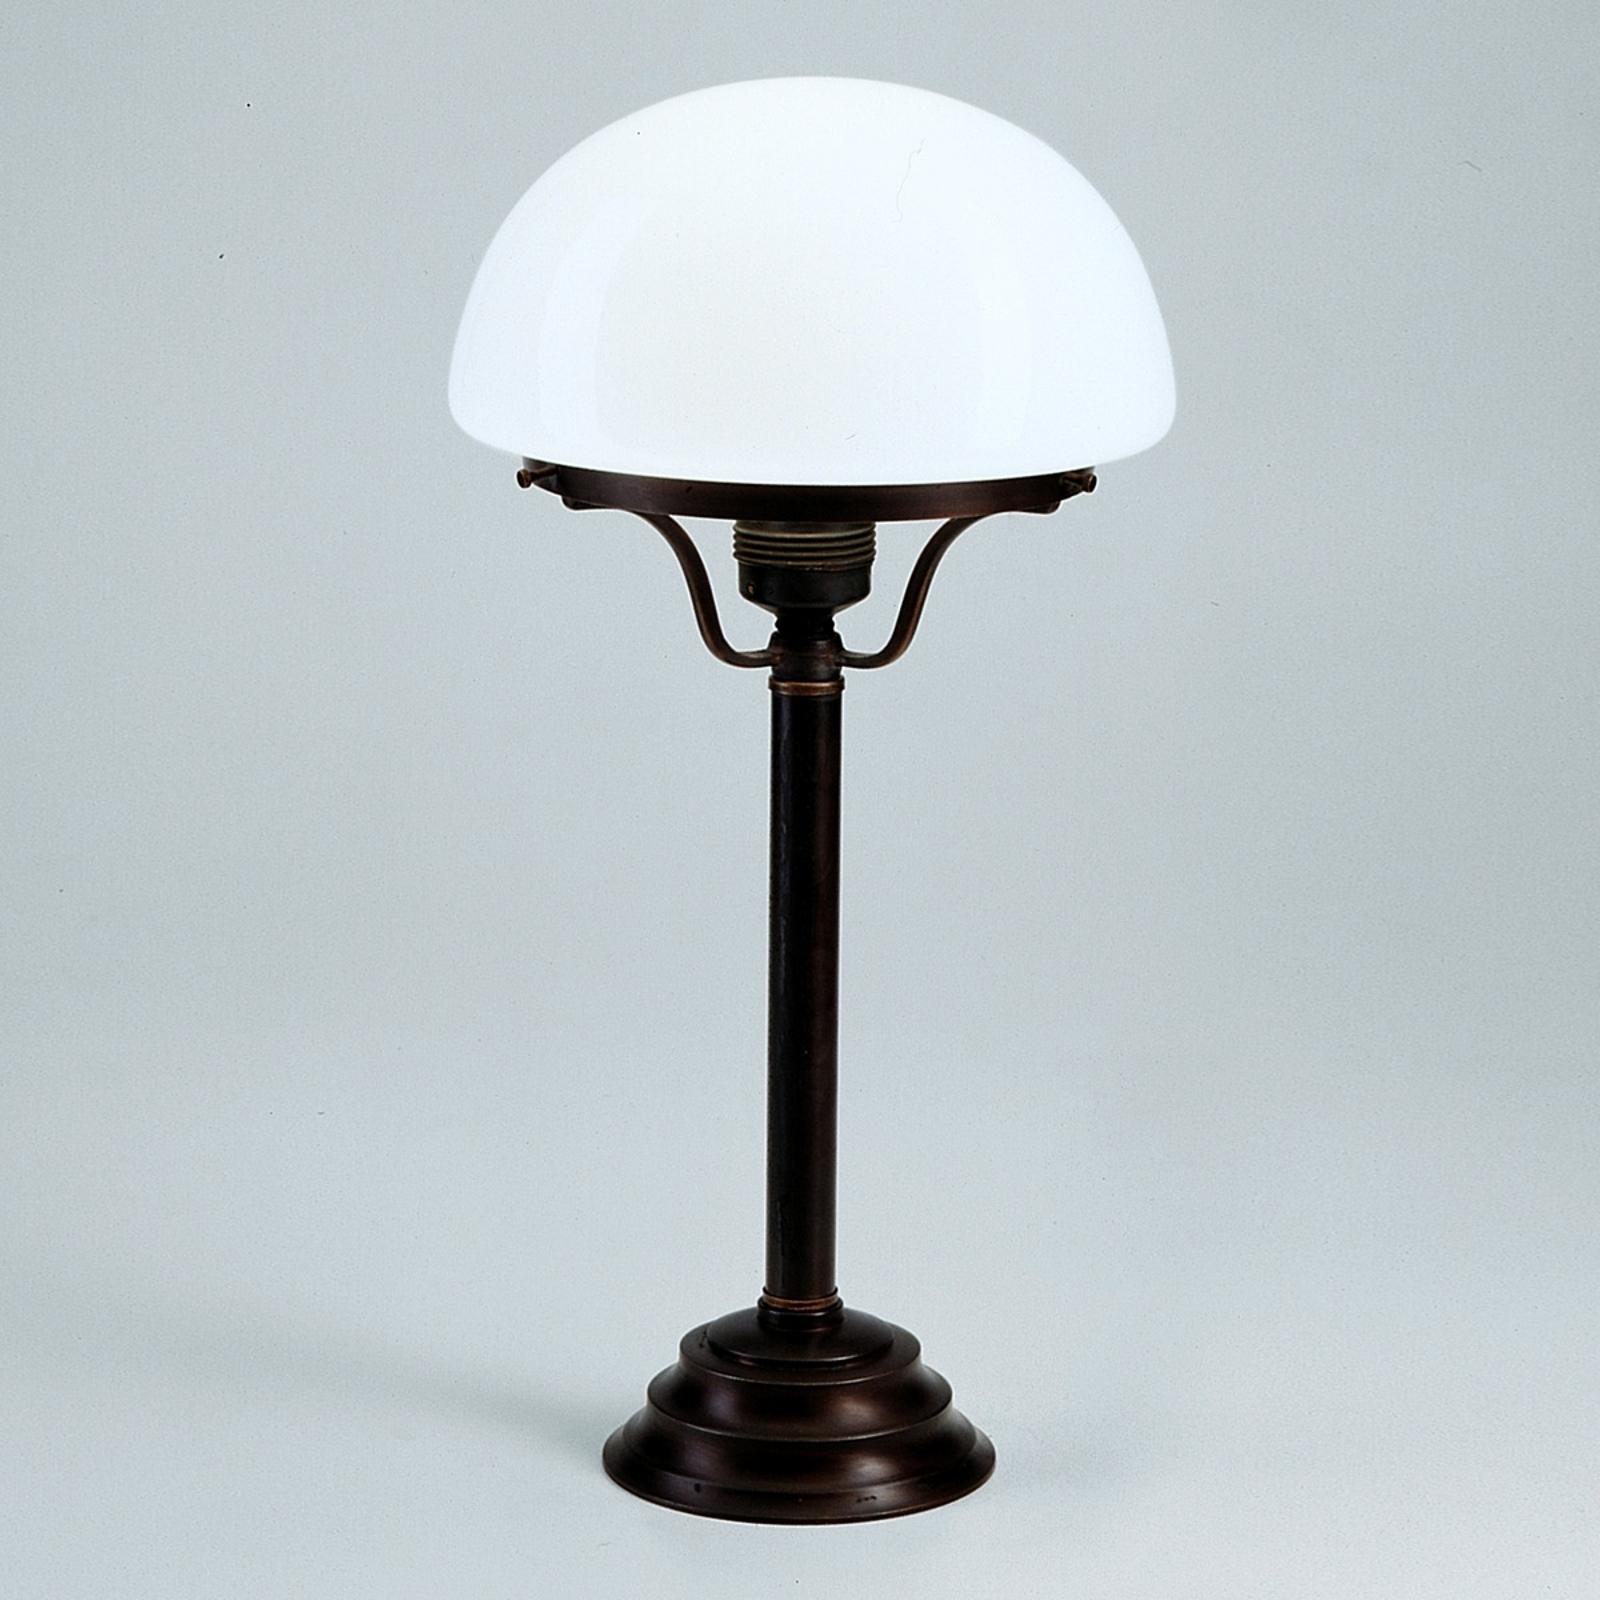 Lampada da tavolo Frank in stile rustico-antico